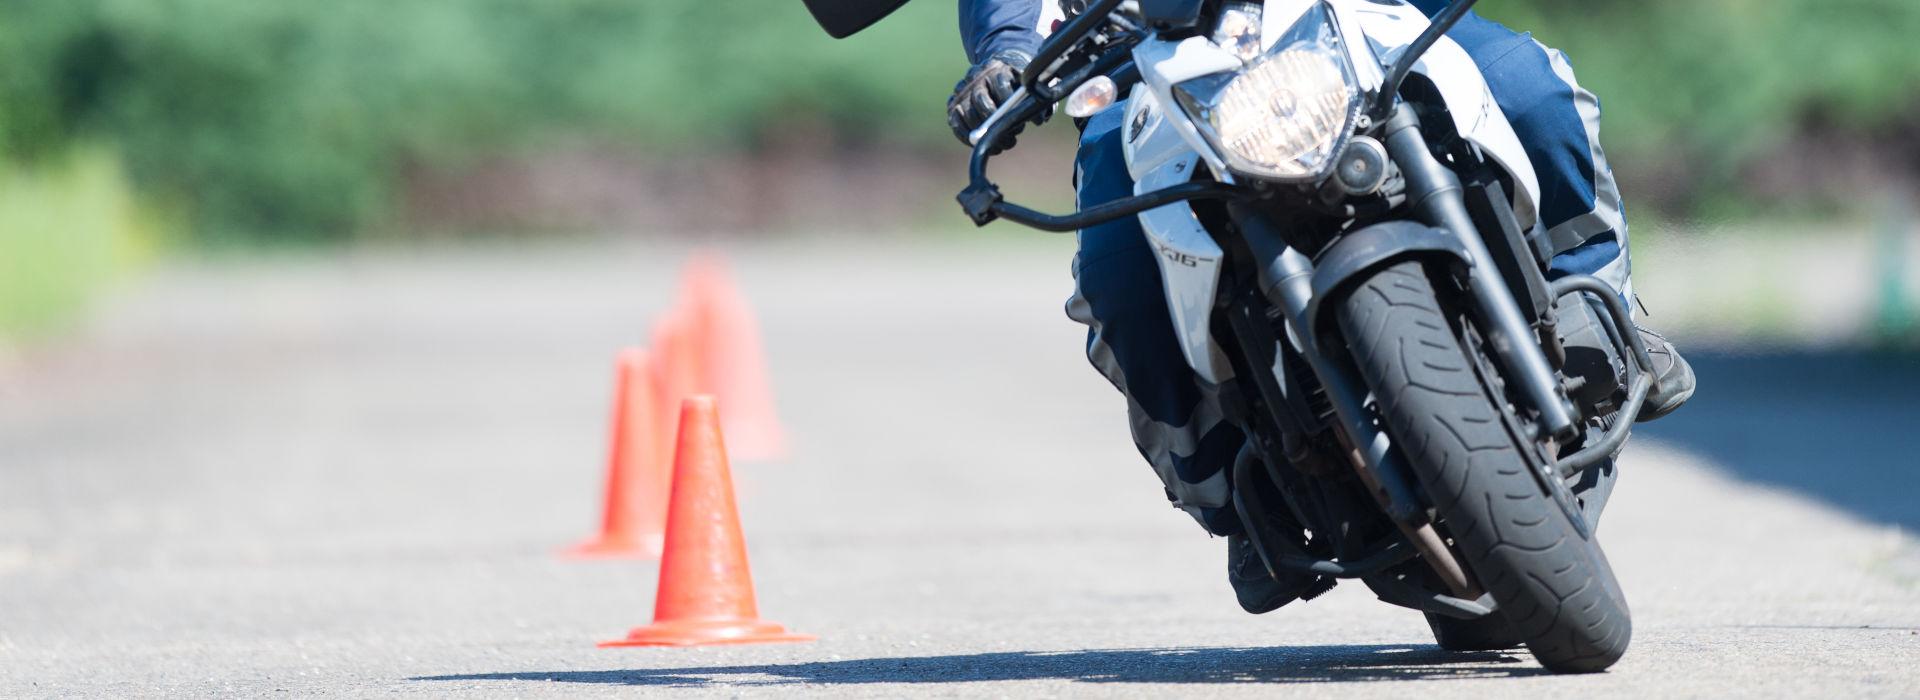 Motorrijbewijspoint Friesland motor rijvaardigheid